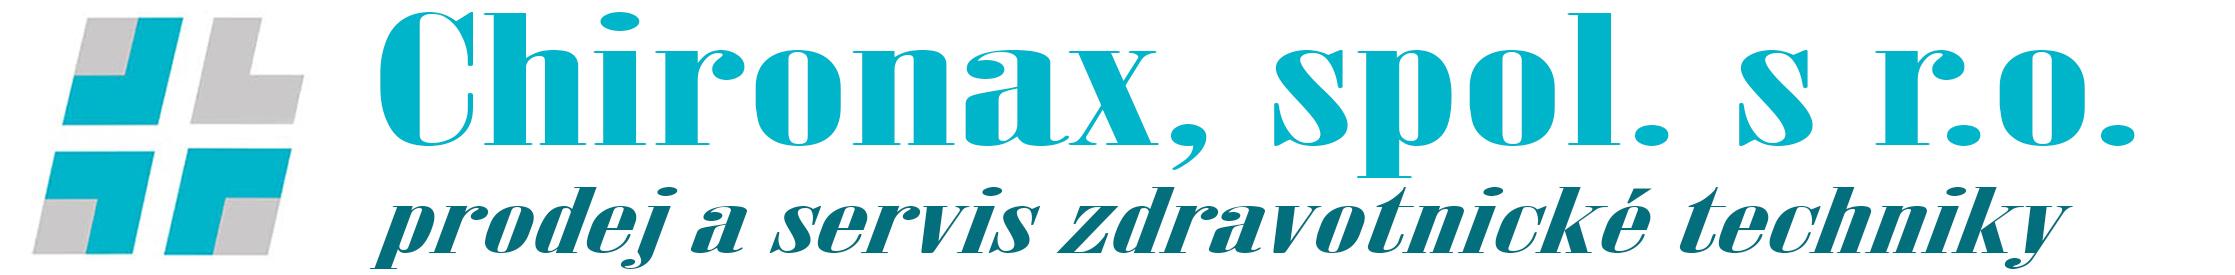 Chironax, spol. s r.o.